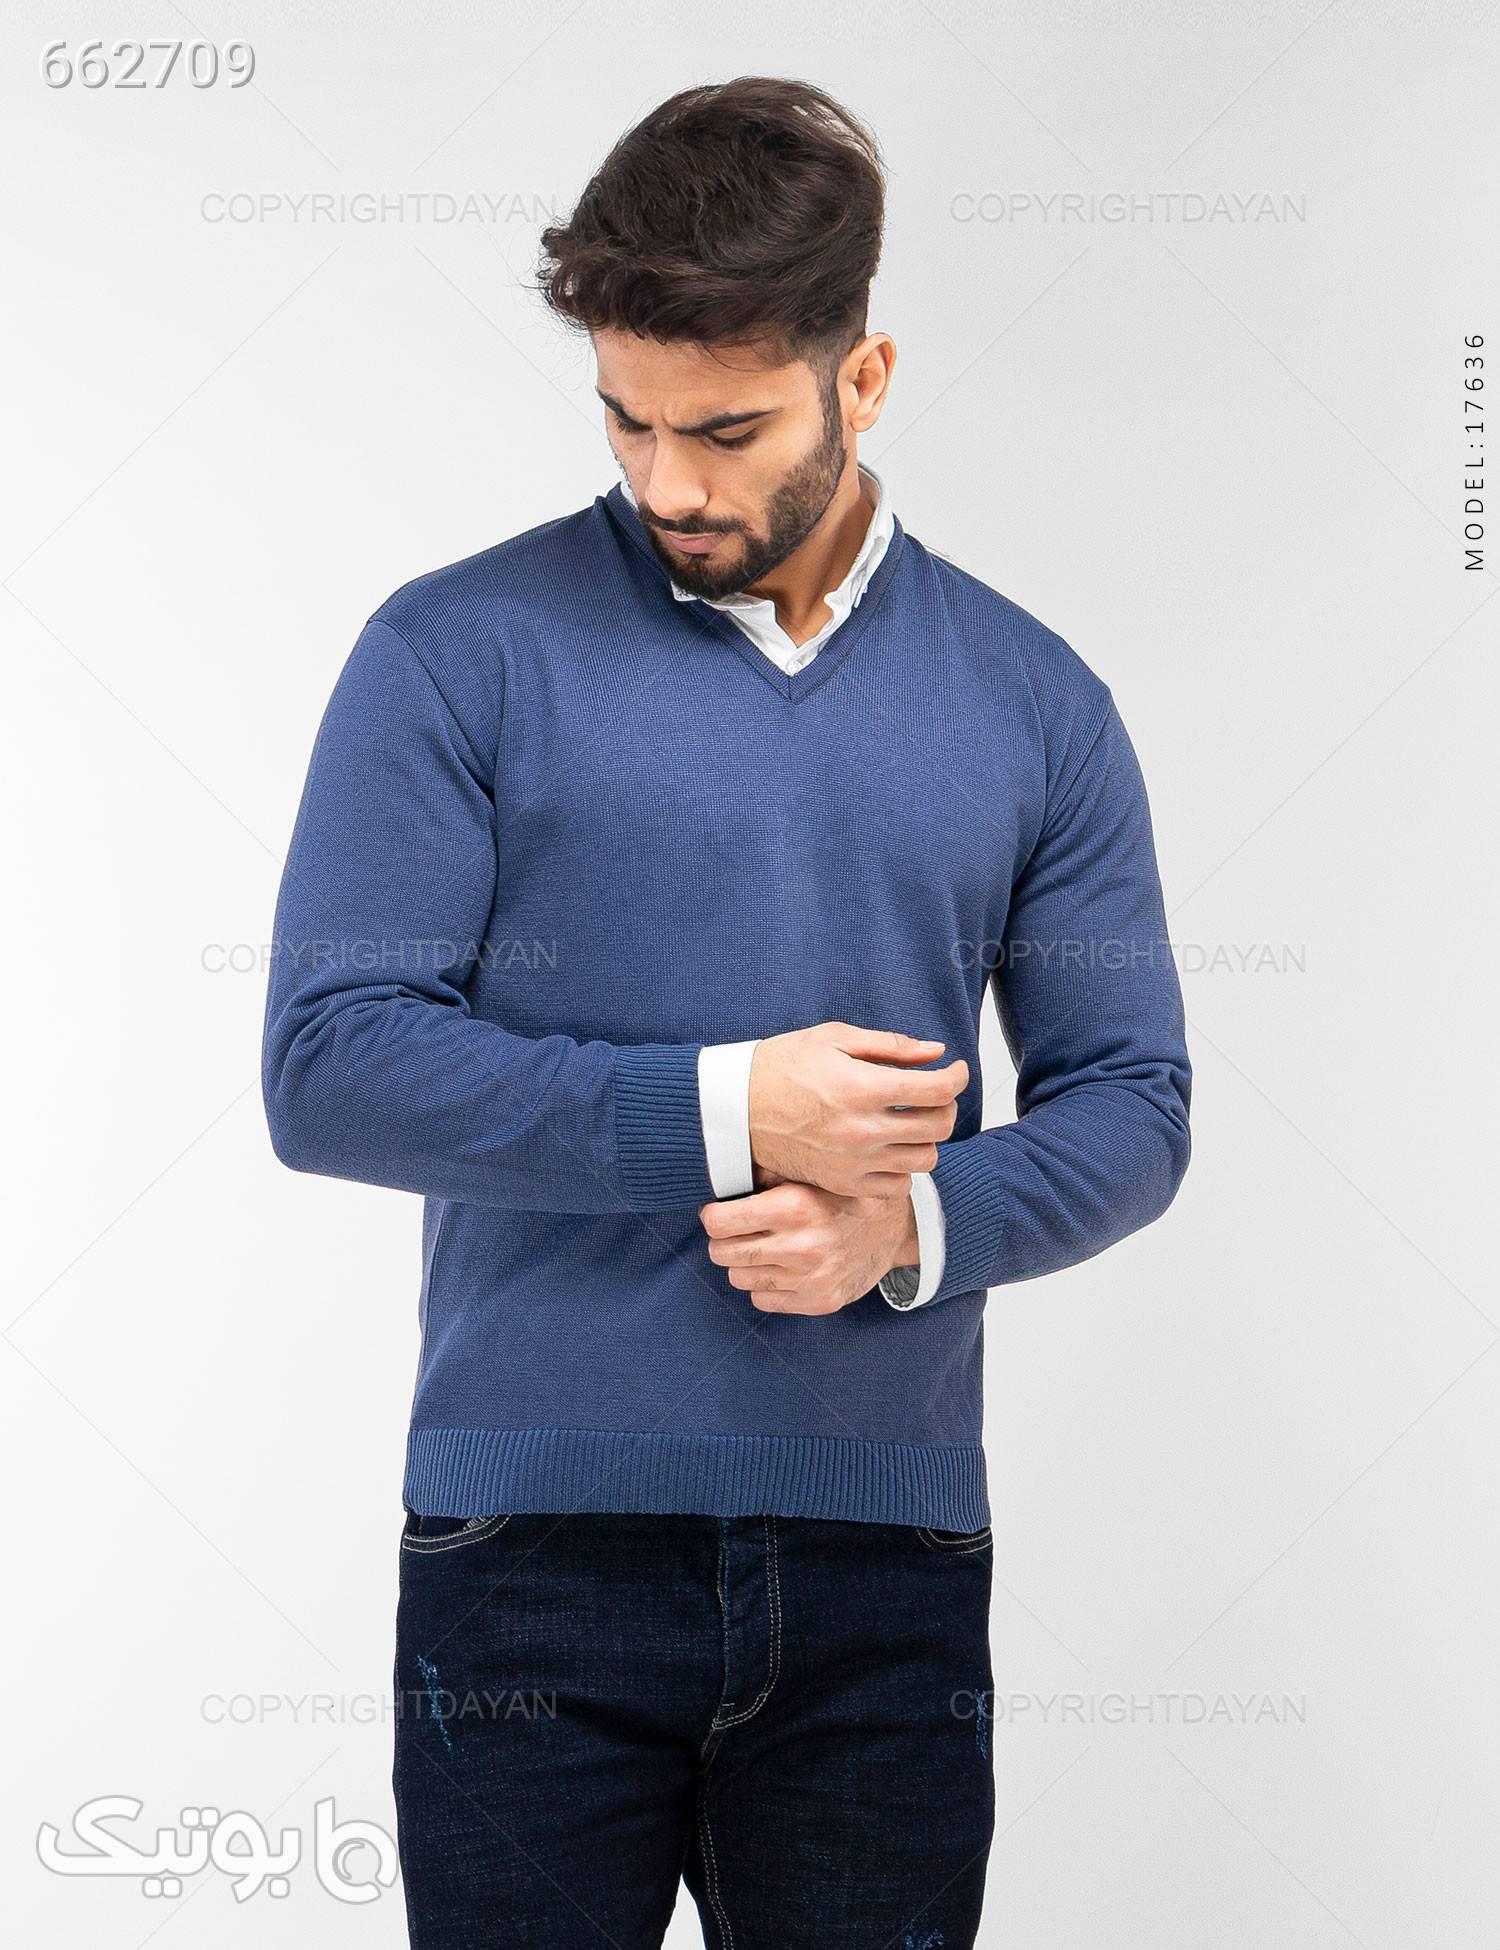 بافت مردانه مدل B7636 آبی پليور و ژاکت مردانه